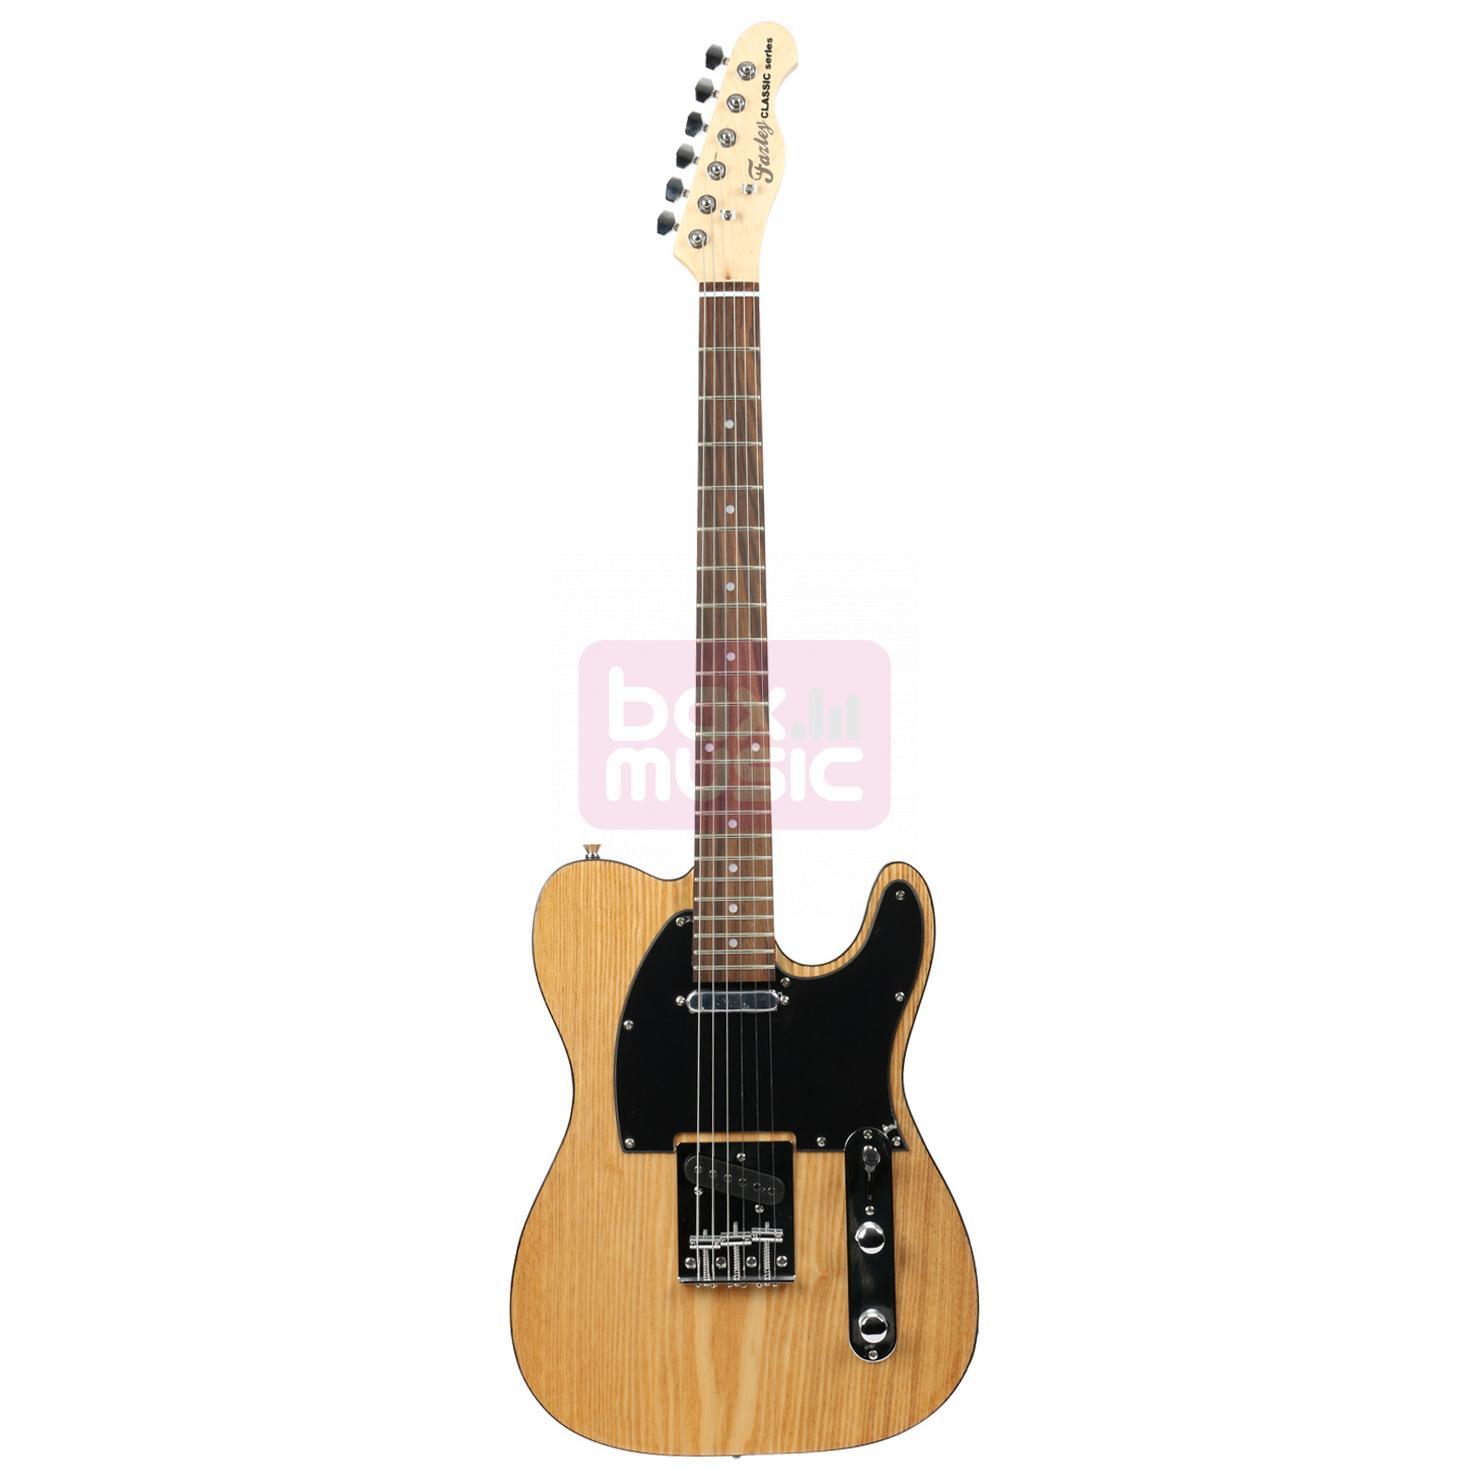 Fazley FTL200NT elektrische gitaar naturel